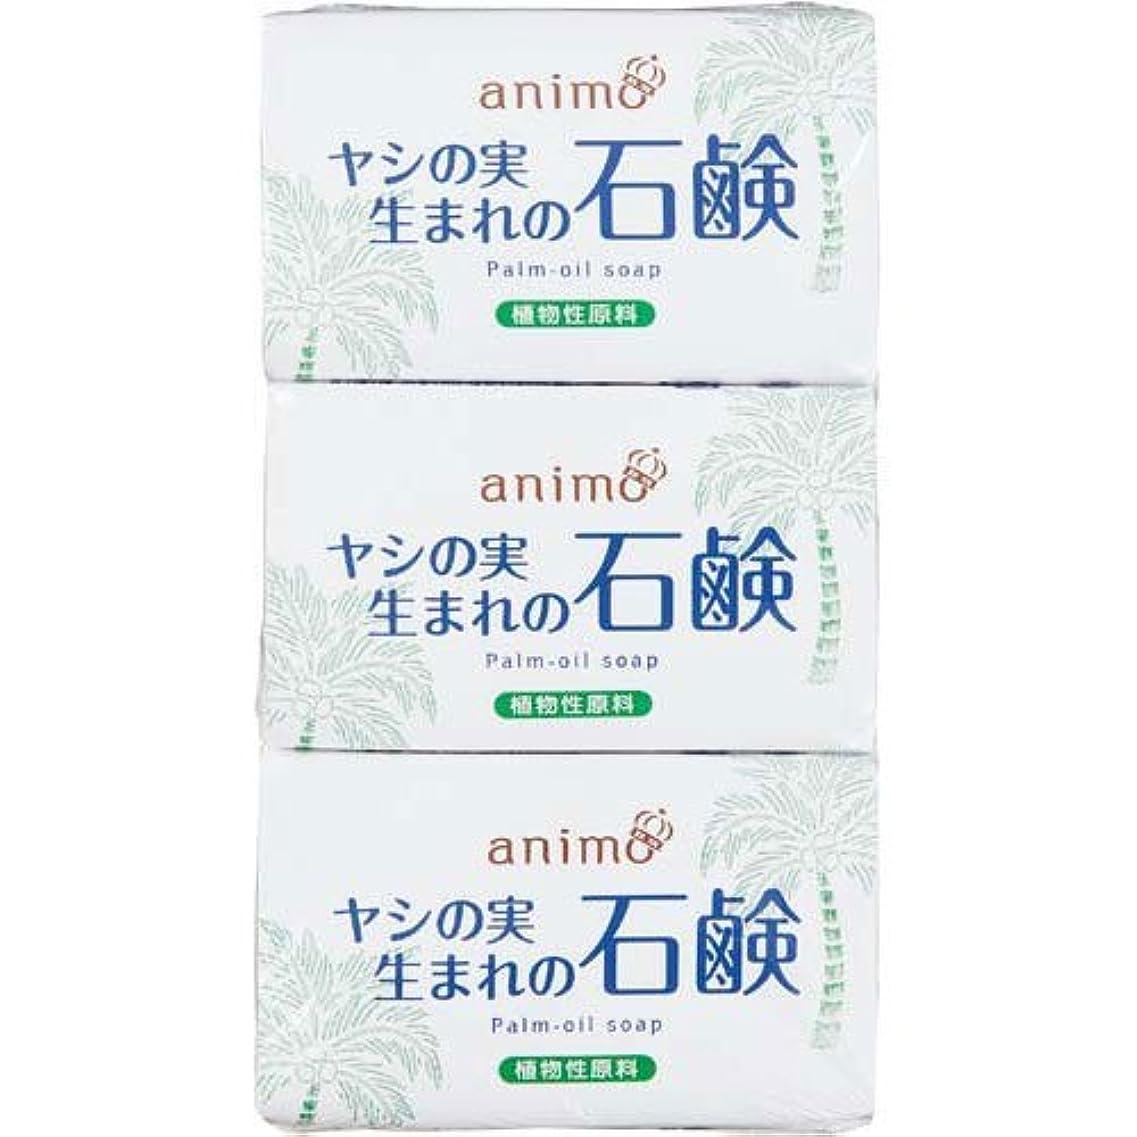 しなやか一生についてロケット石鹸 ヤシの実石鹸 80g×3個×5パック